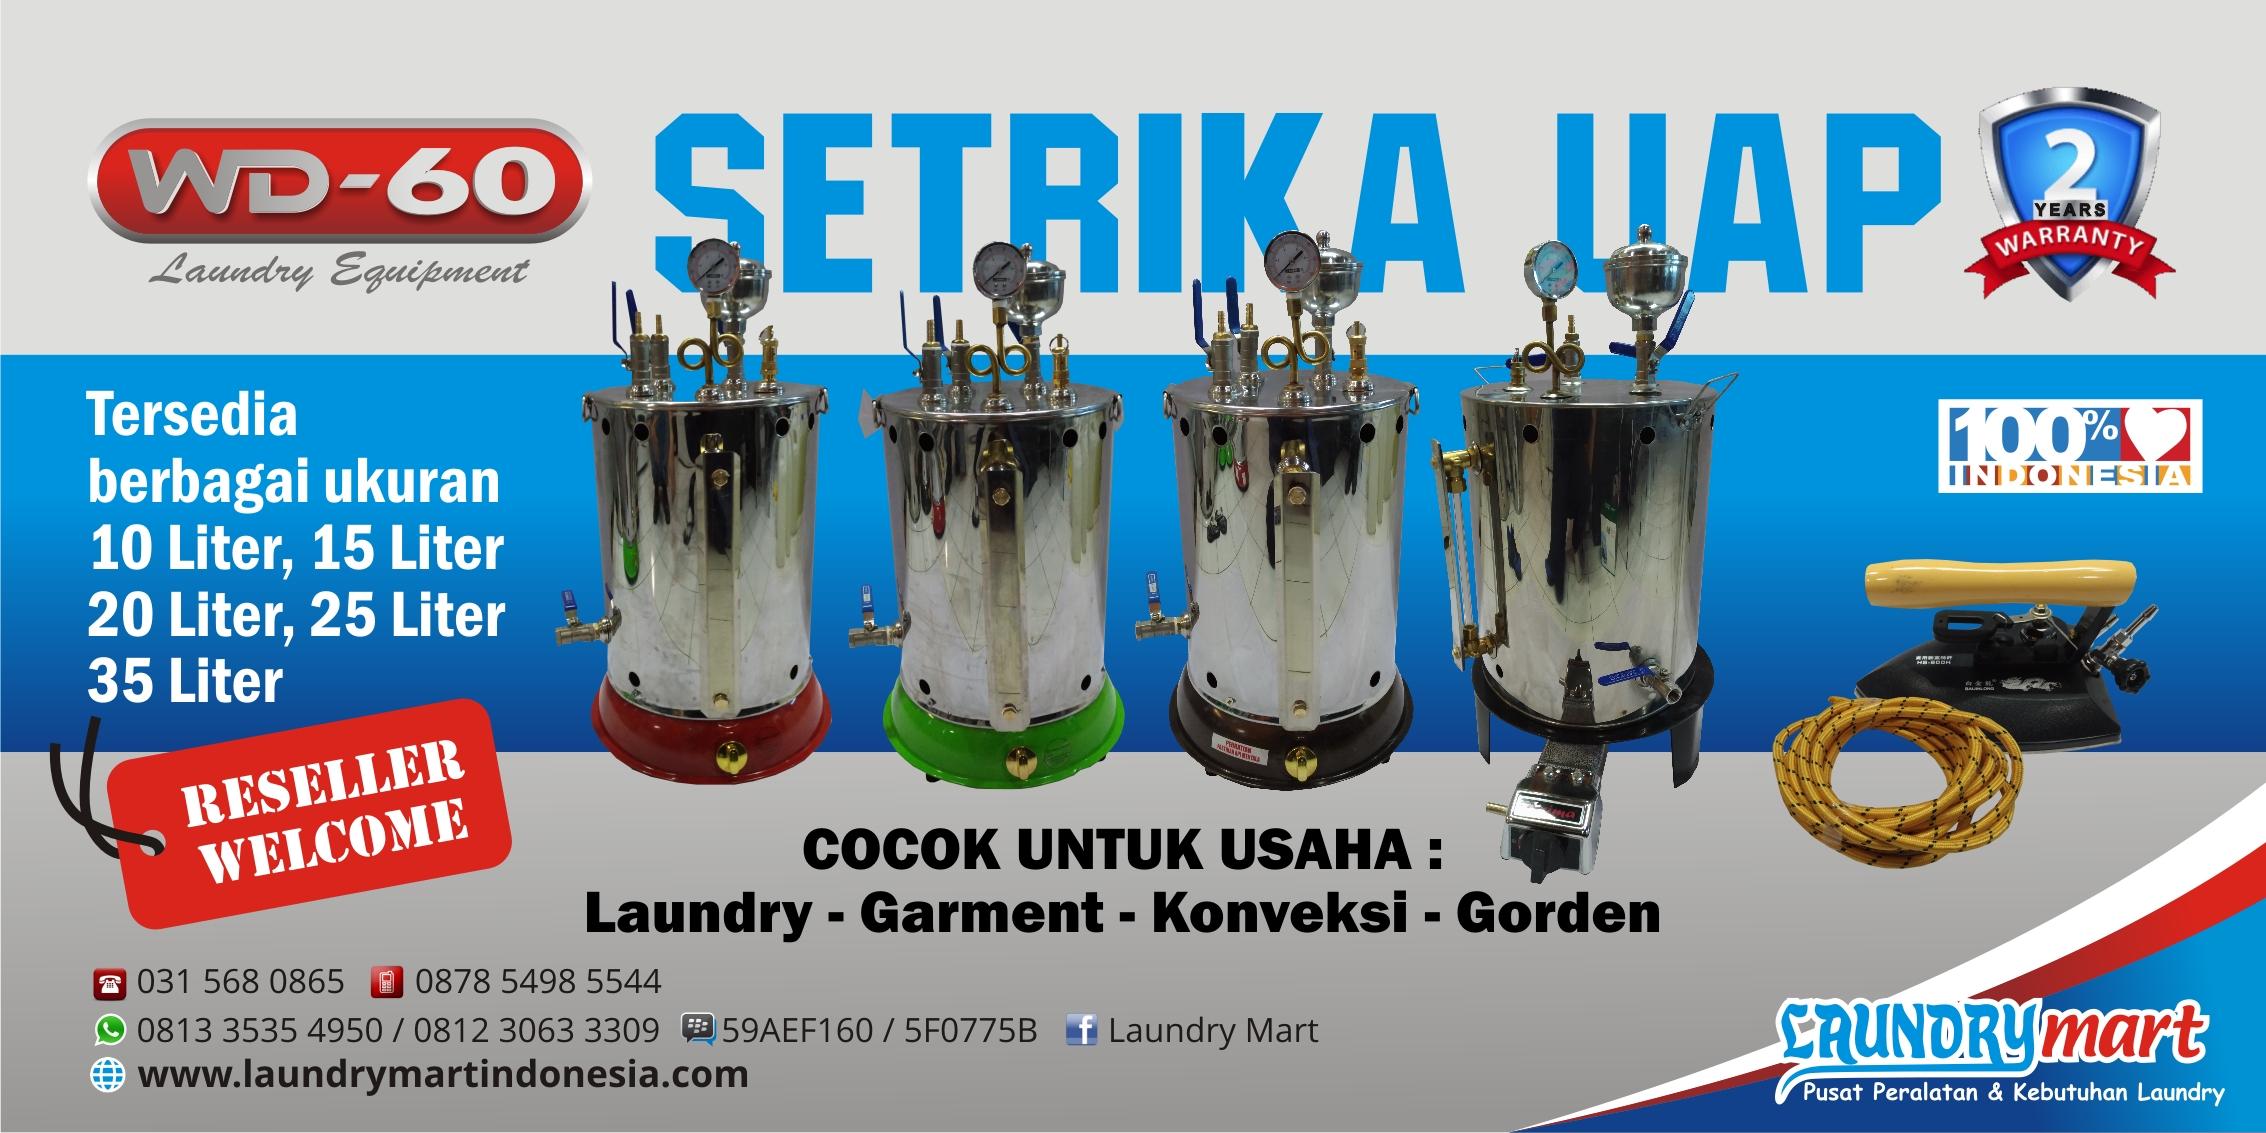 Setrika uap boiler wd60 wd 60 wd 60 steam boiler sertika uap laundry - Beranda